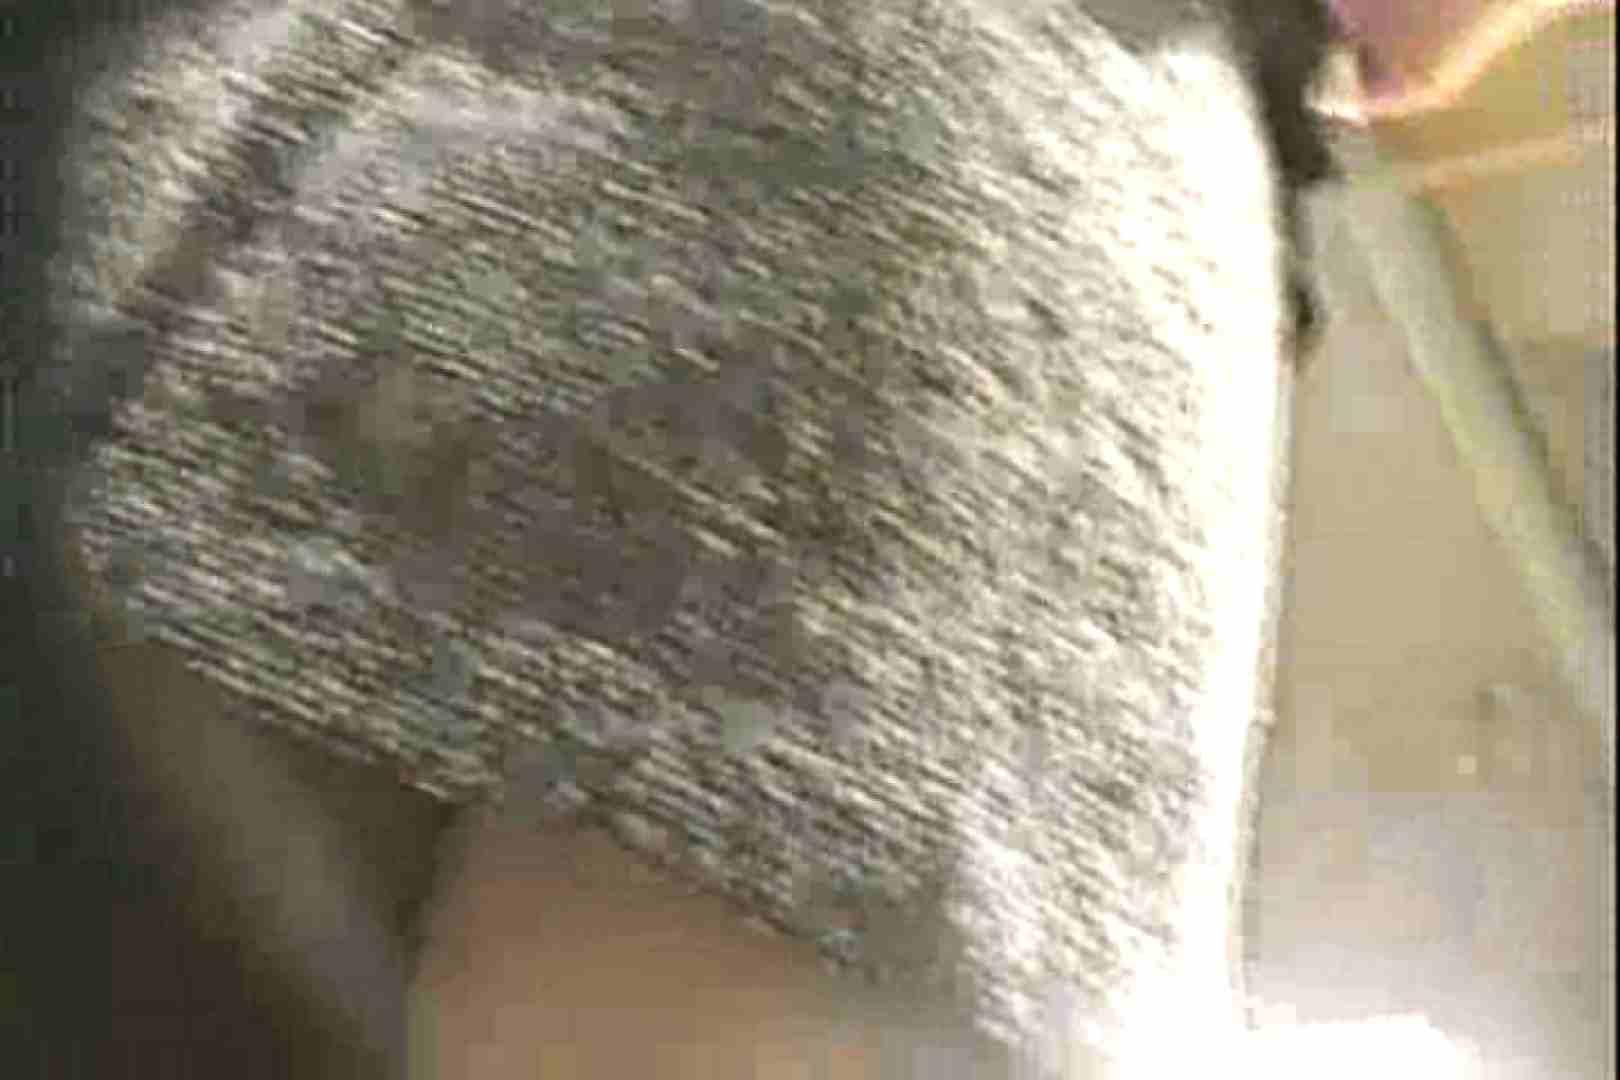 「ちくりん」さんのオリジナル未編集パンチラVol.3_02 美しいOLの裸体 覗きおまんこ画像 81pic 78